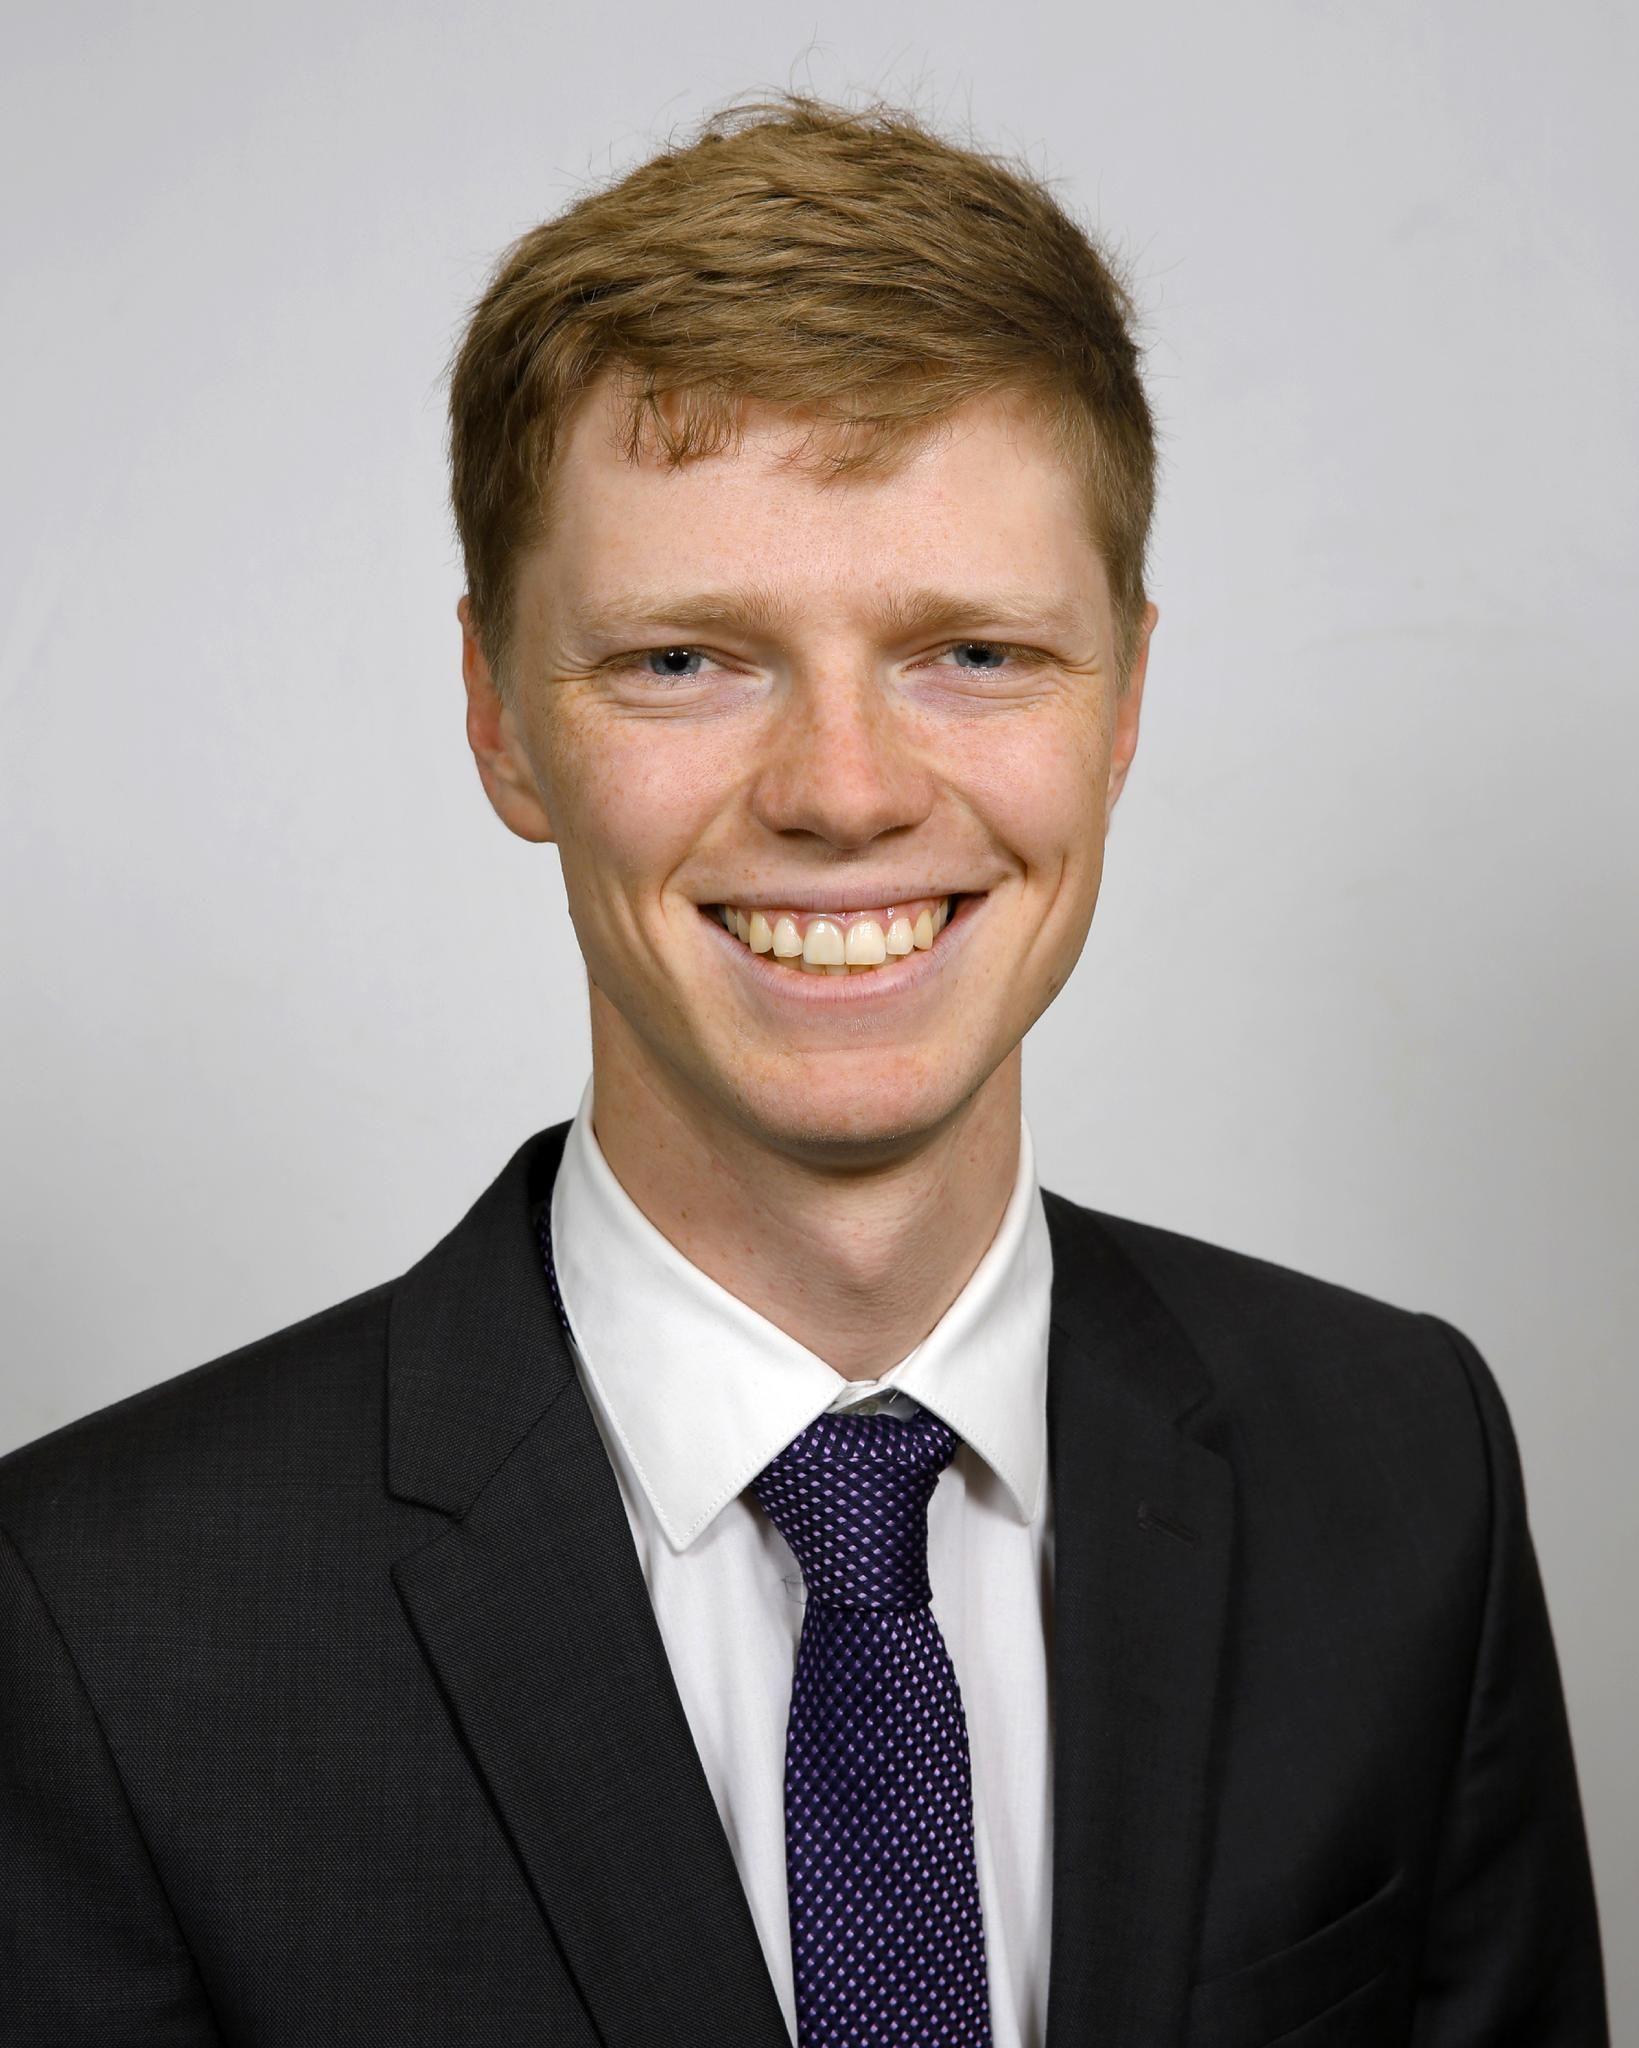 Kristoffer Engedal Andreassen